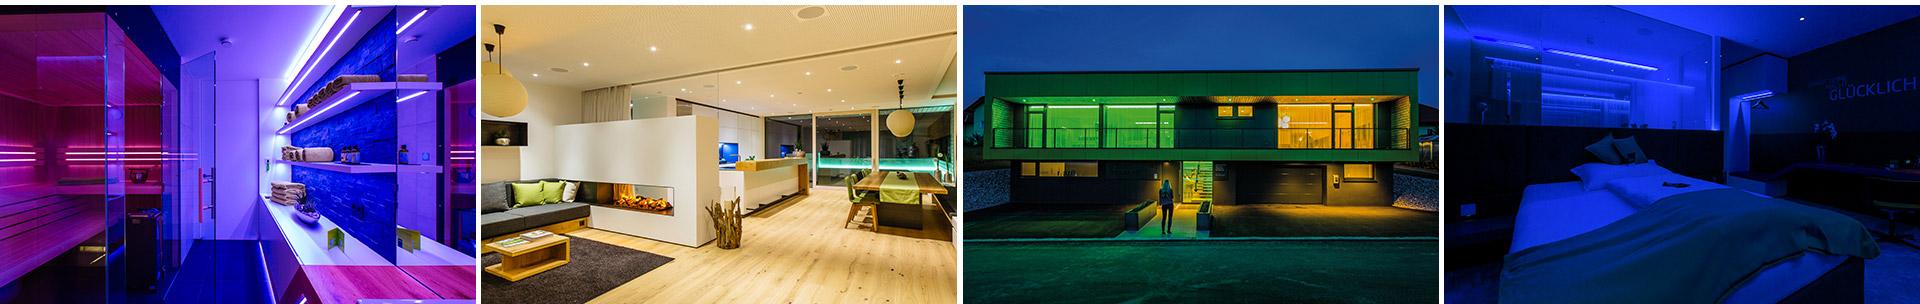 Beispiele für Lichtsteuerung in Smart Homes